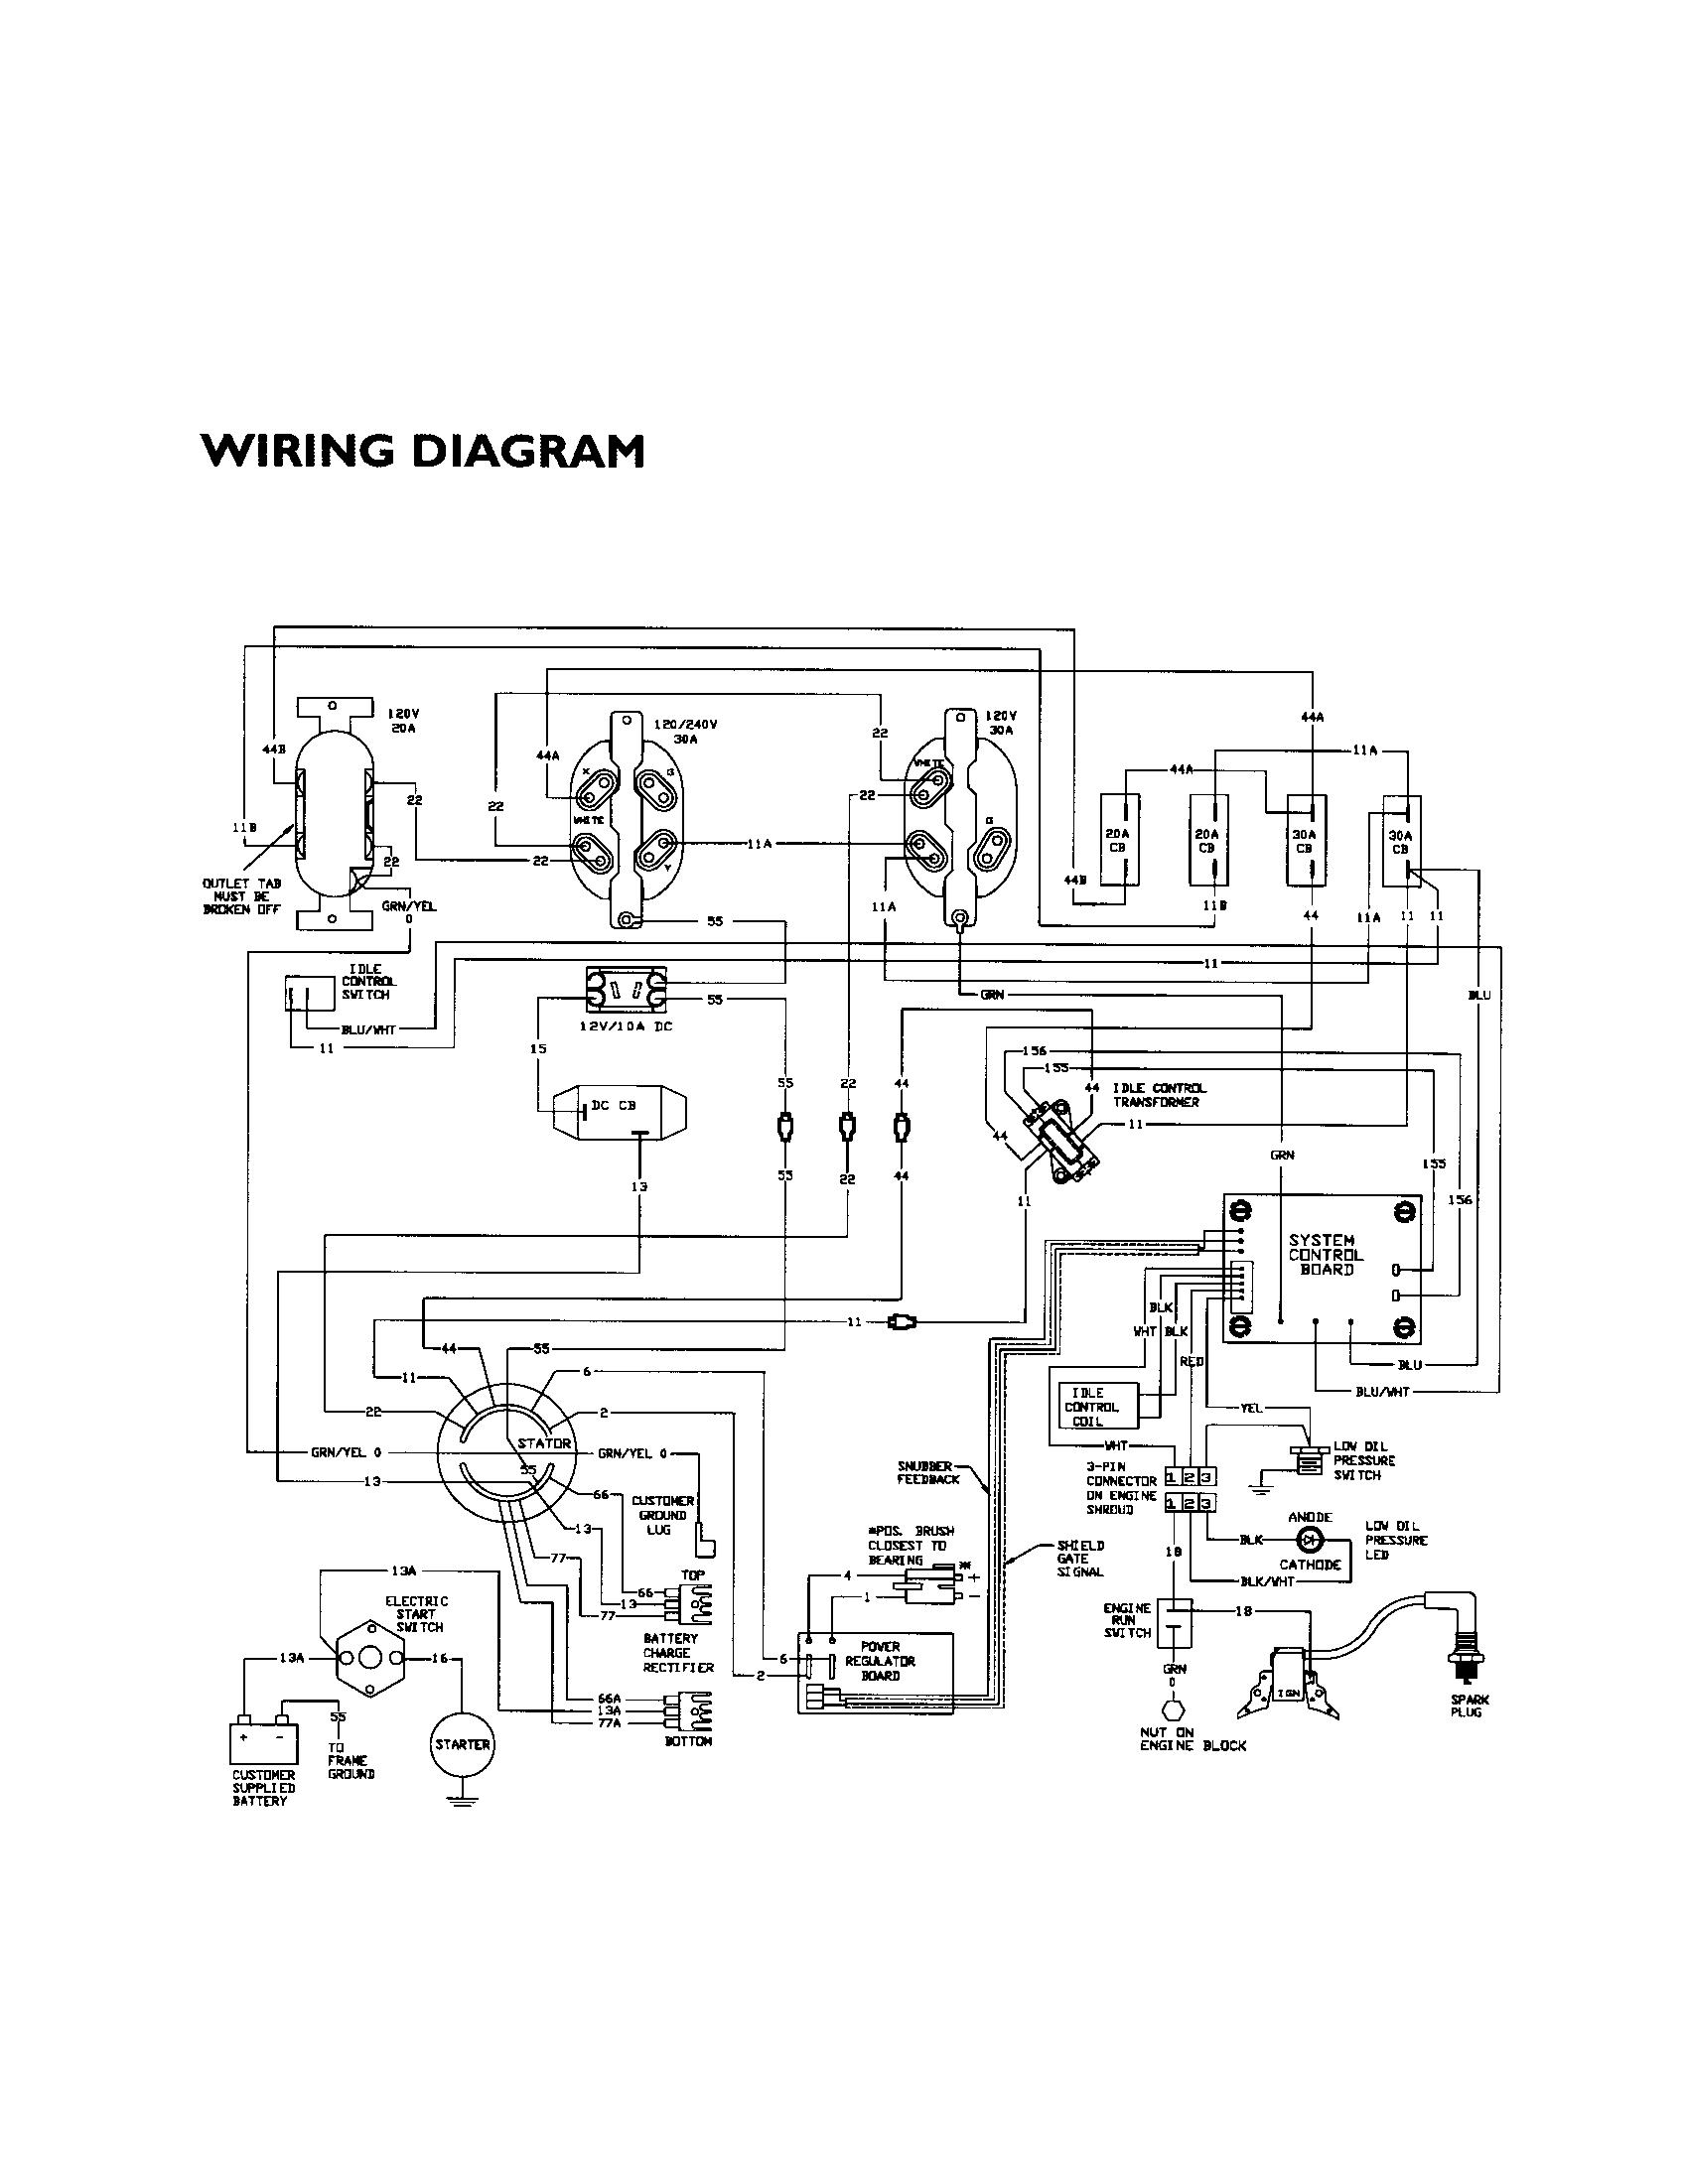 Nest Gen 2 Wiring Diagram